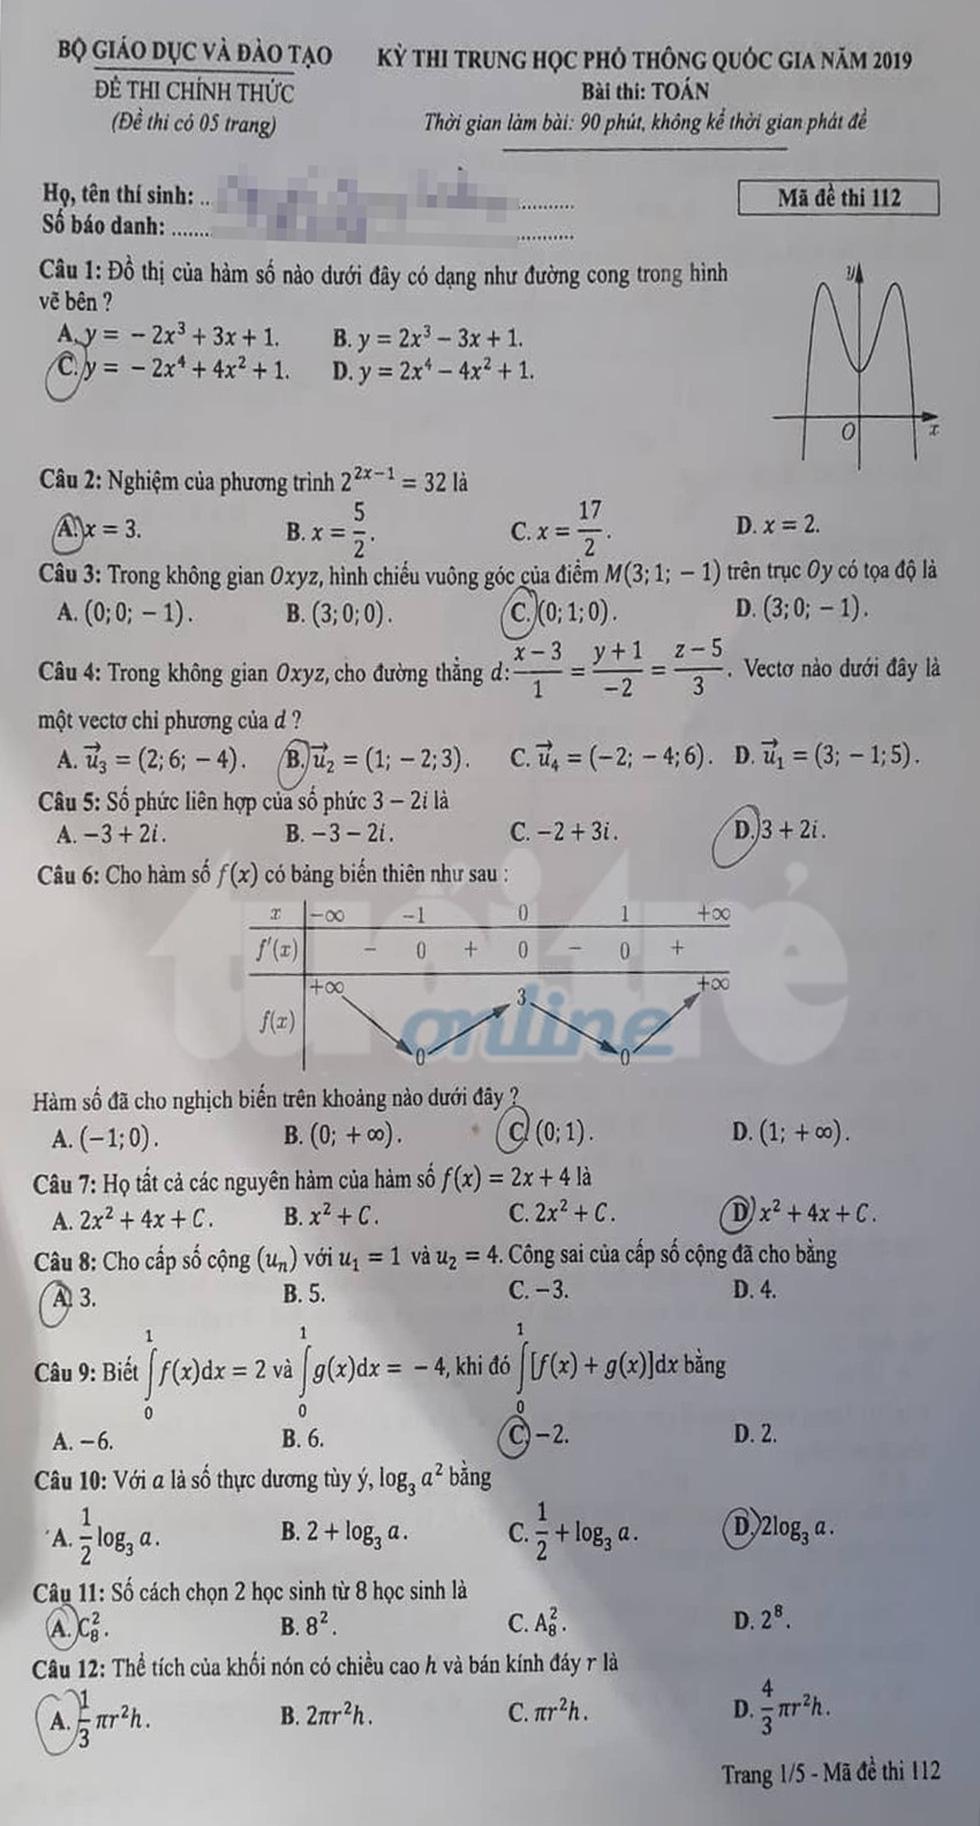 Đáp án môn toán thi THPT quốc gia 2019 - Ảnh 20.